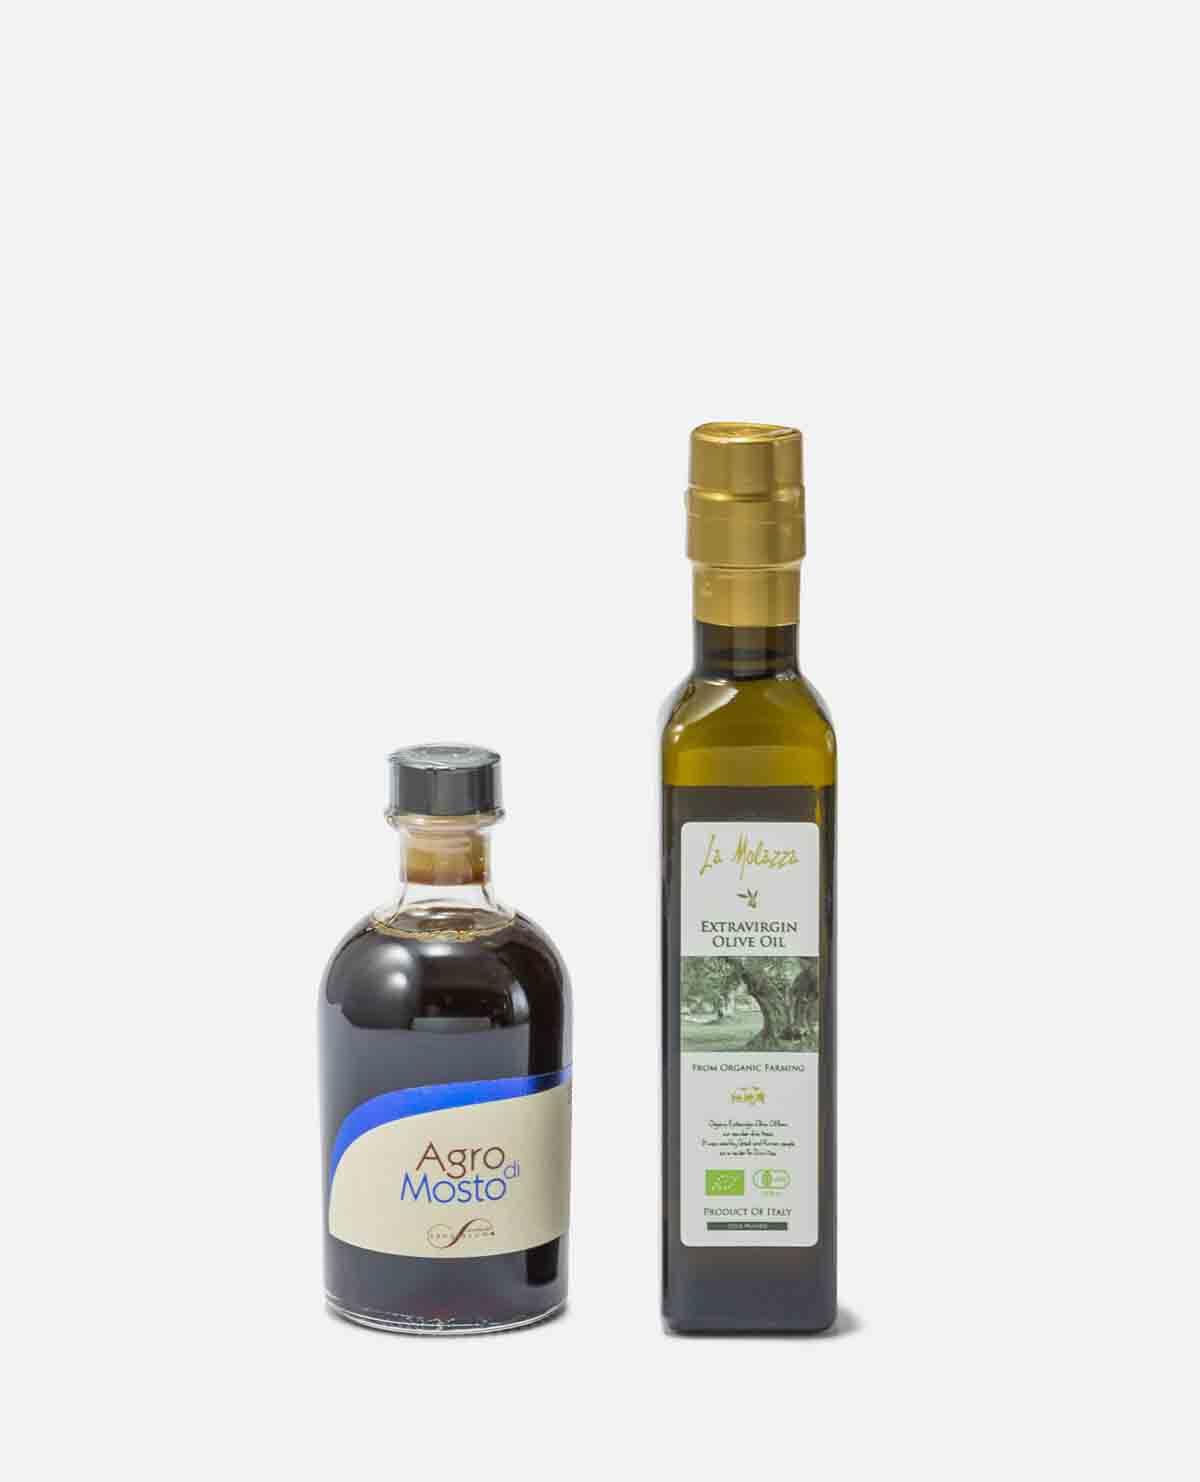 EXVオリーブオイルとバルサミコ酢セット